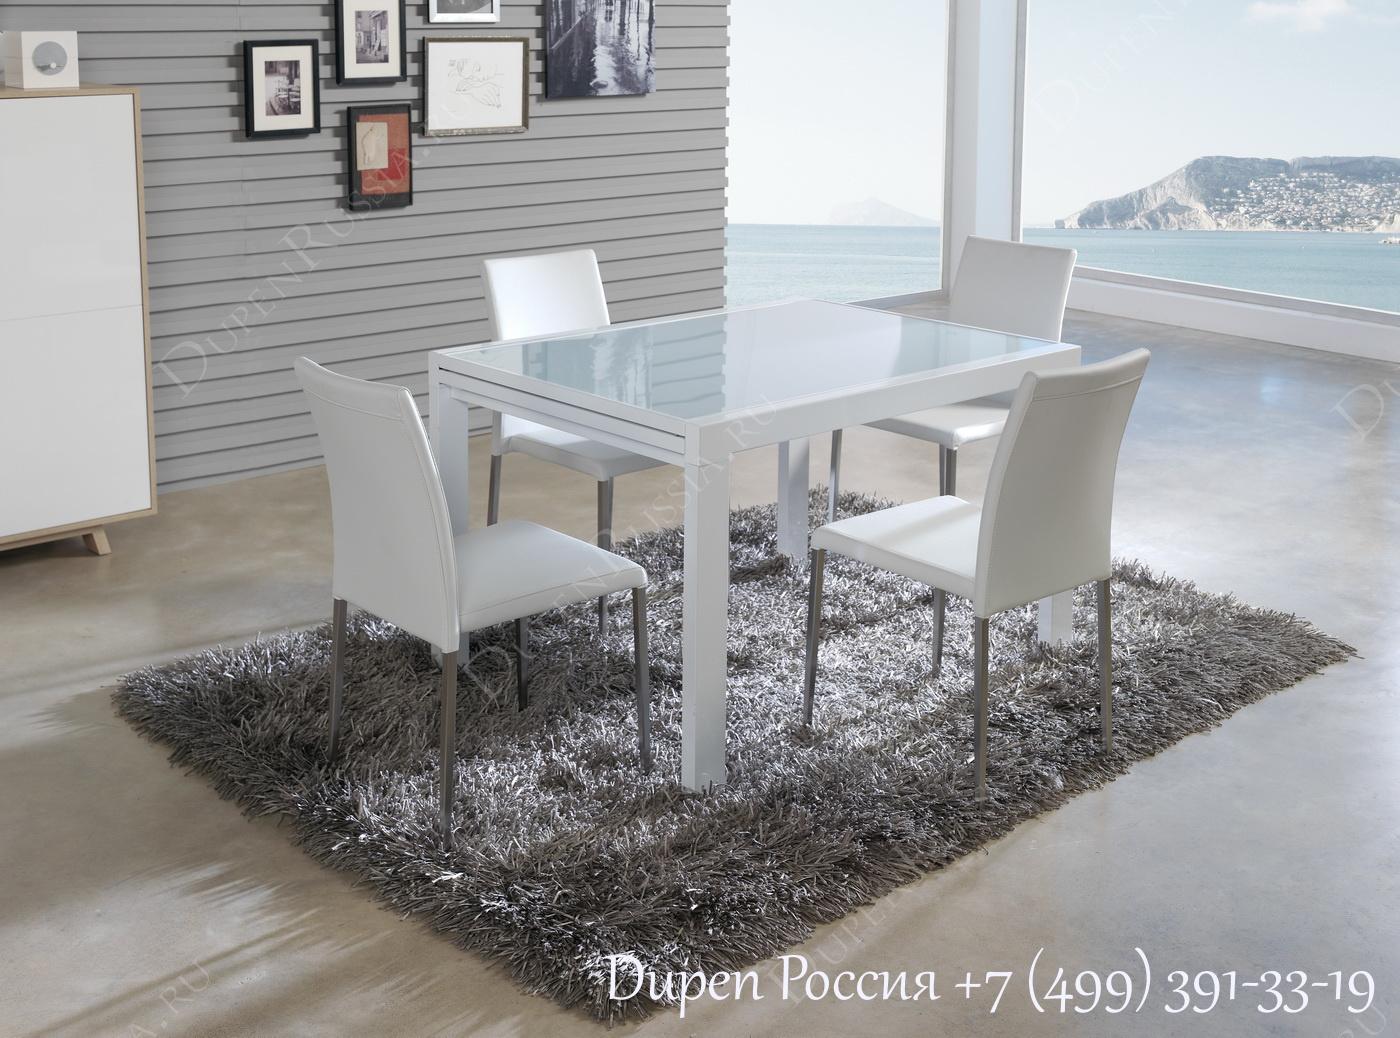 Обеденный стол DUPEN DT-10 Раскладной Белый